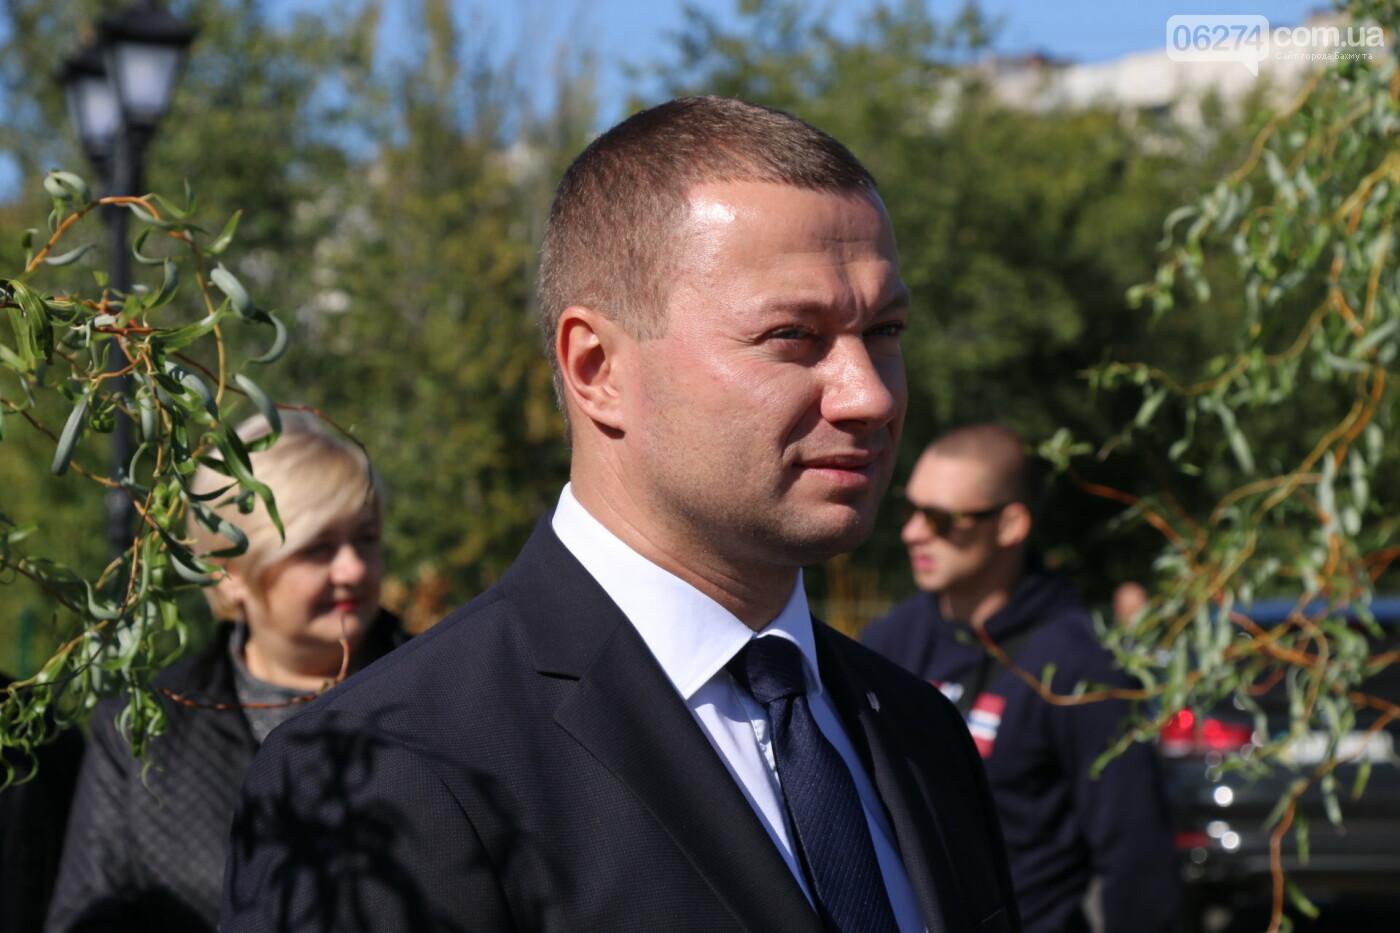 Бахмут с рабочей поездкой посетил Павел Кириленко, фото-16